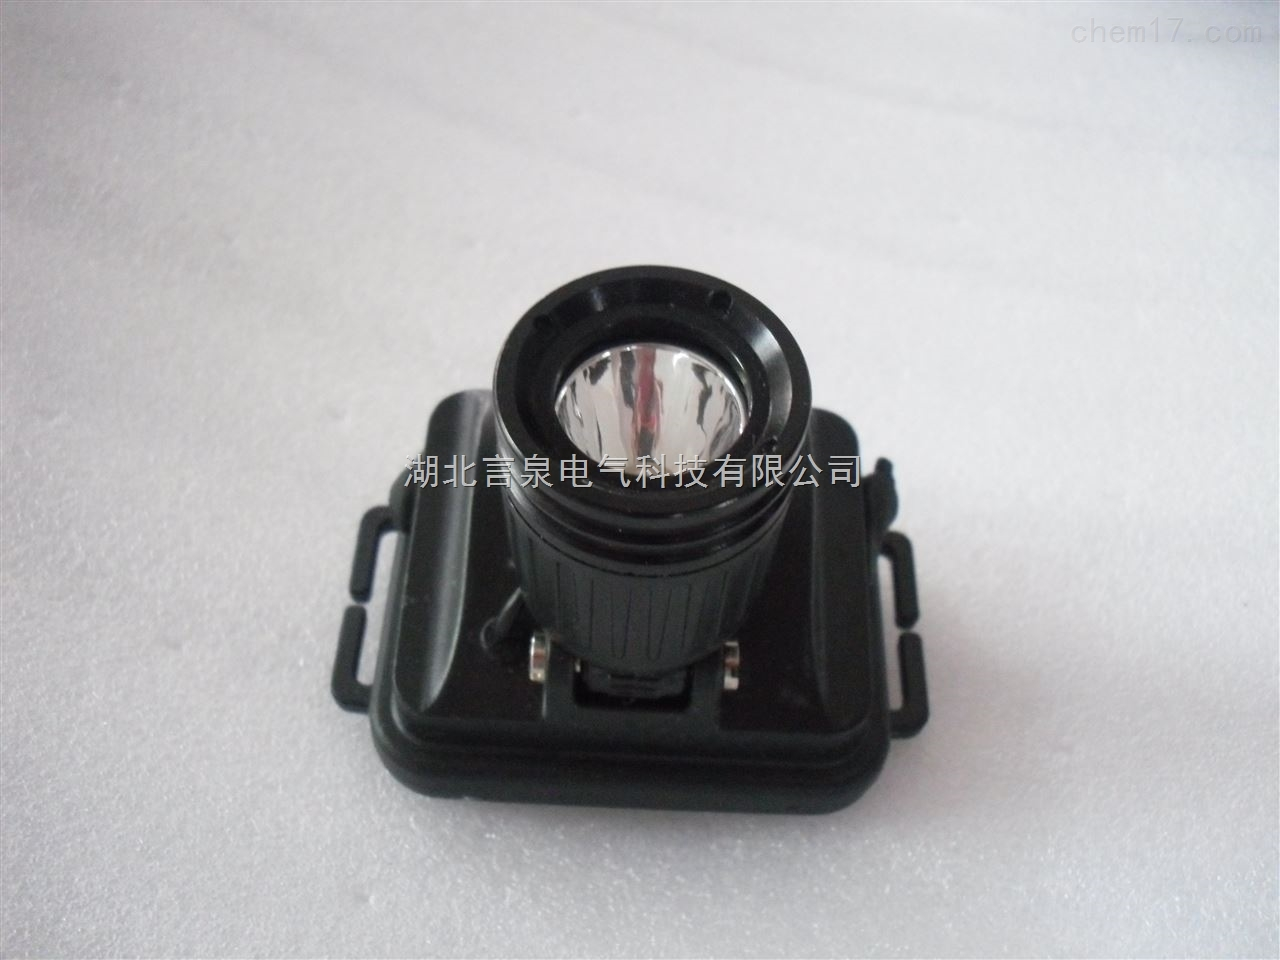 BJ730A科瑞3WLED聚合物锂电池防爆头灯